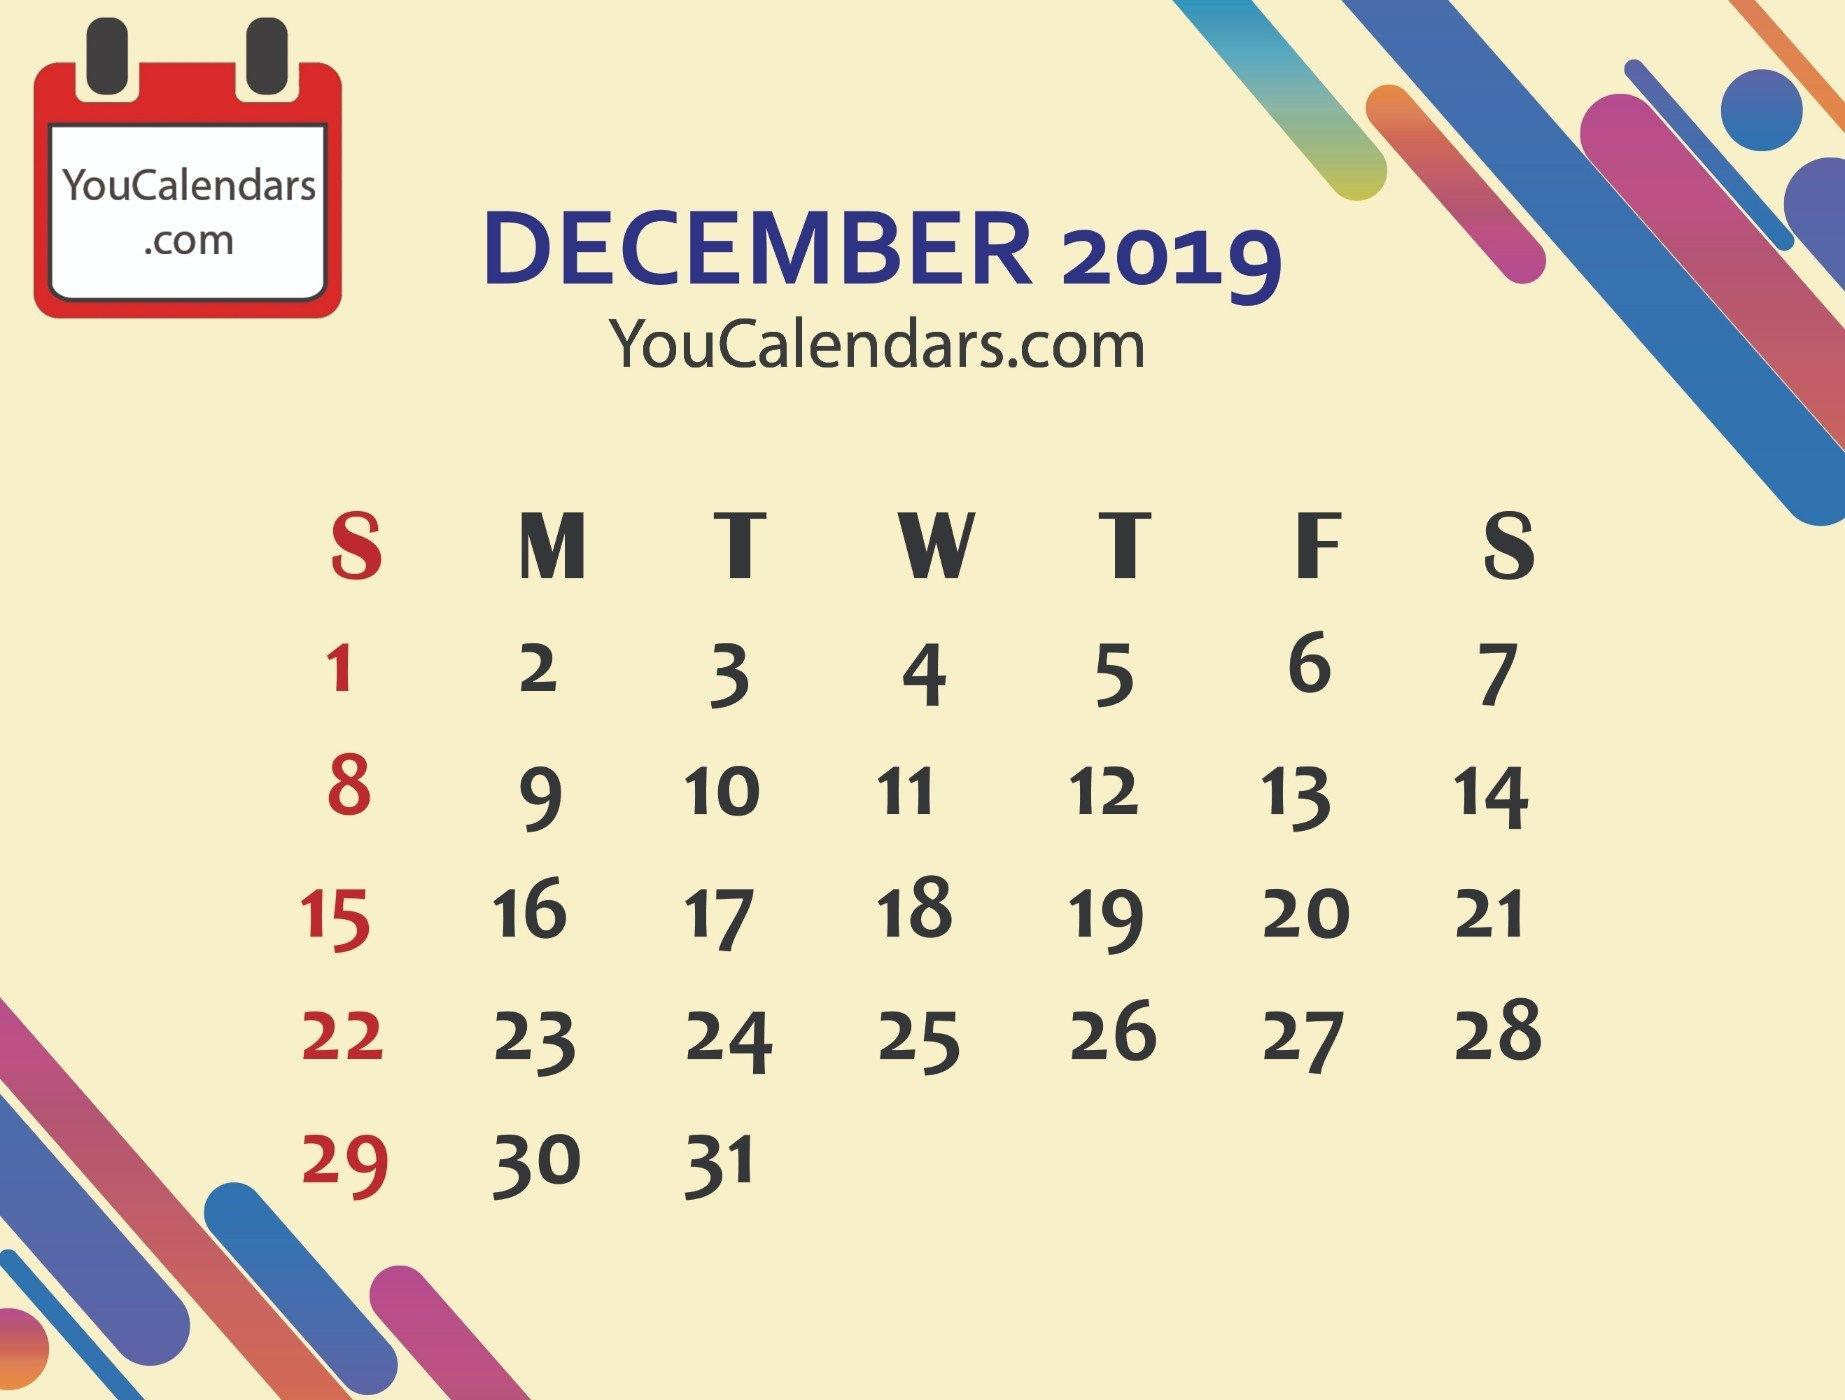 Free December 2019 Calendar Printable Template – You Calendars U Of W Calendar 2019